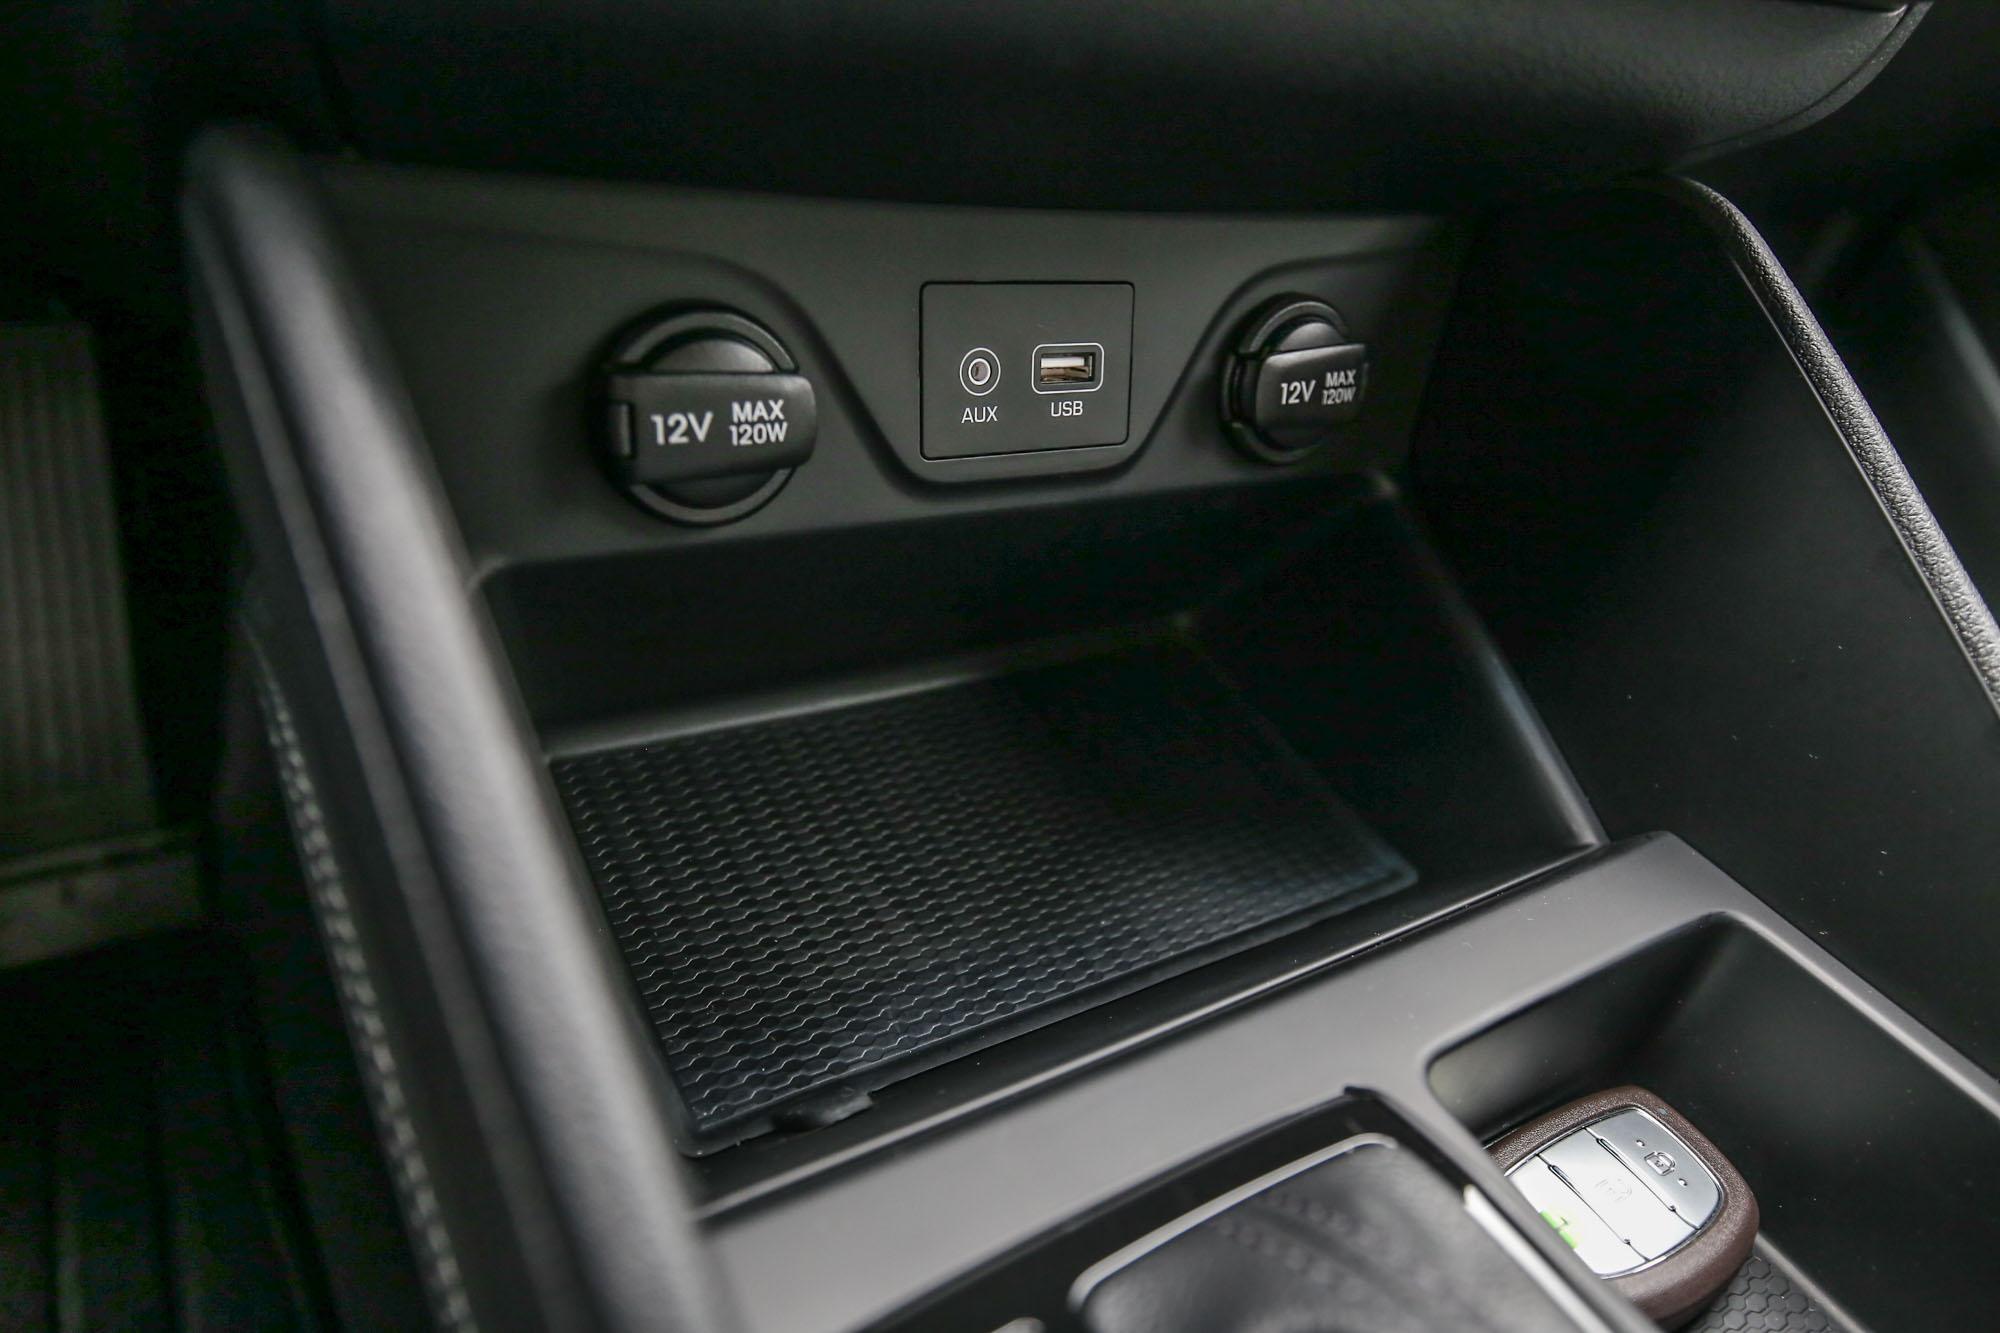 旗艦型車款以上才配備手機無線充電功能,試駕的尊爵型沒有。